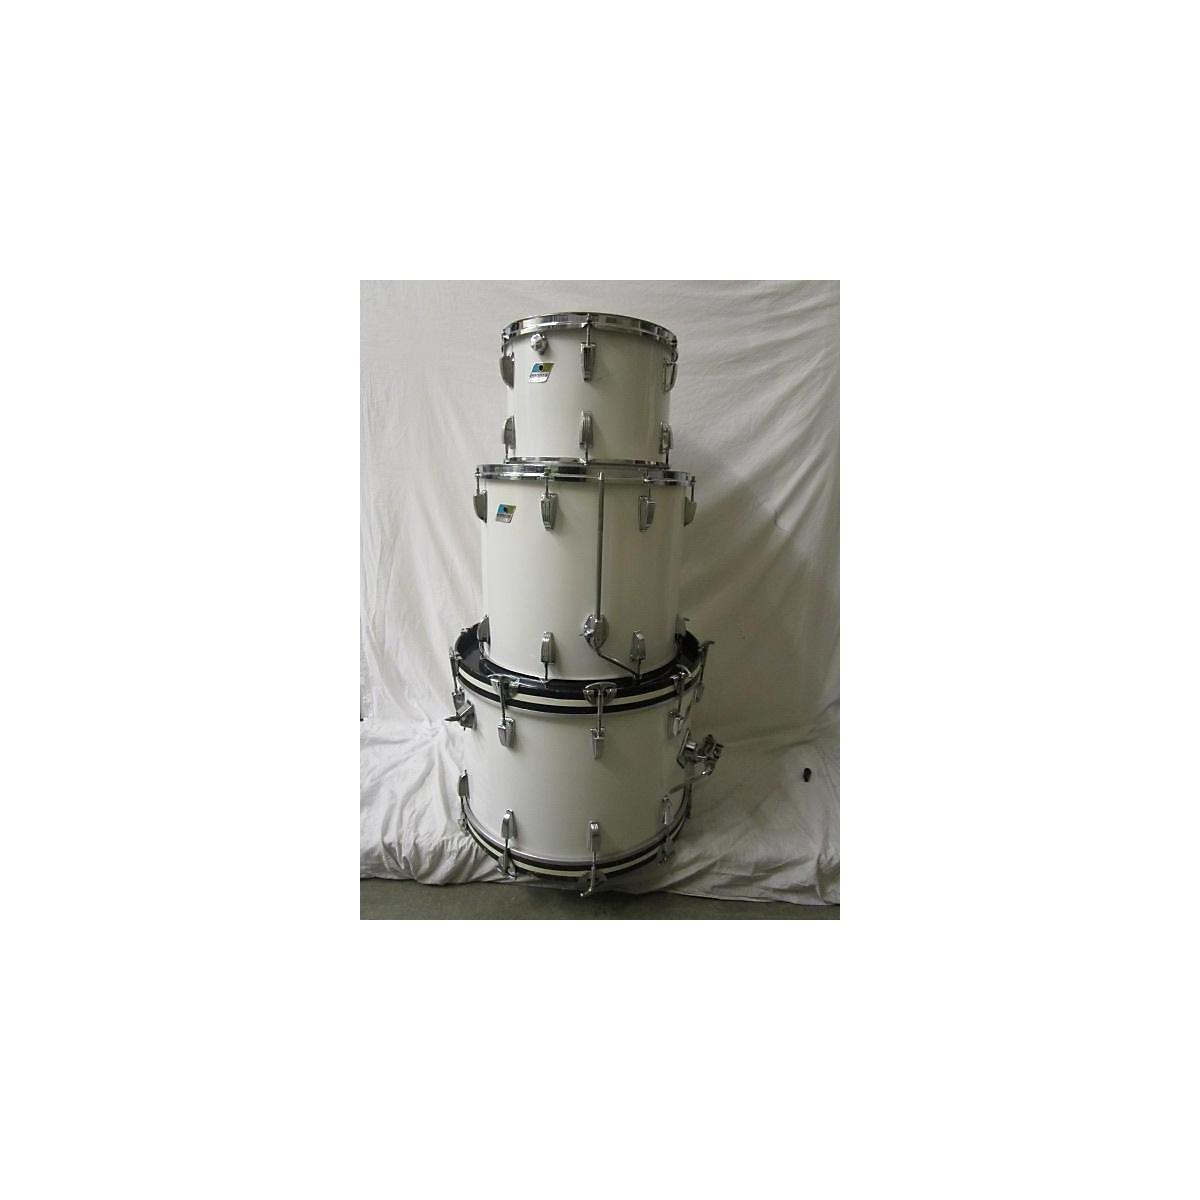 Ludwig 1974 Big Beat Drum Kit